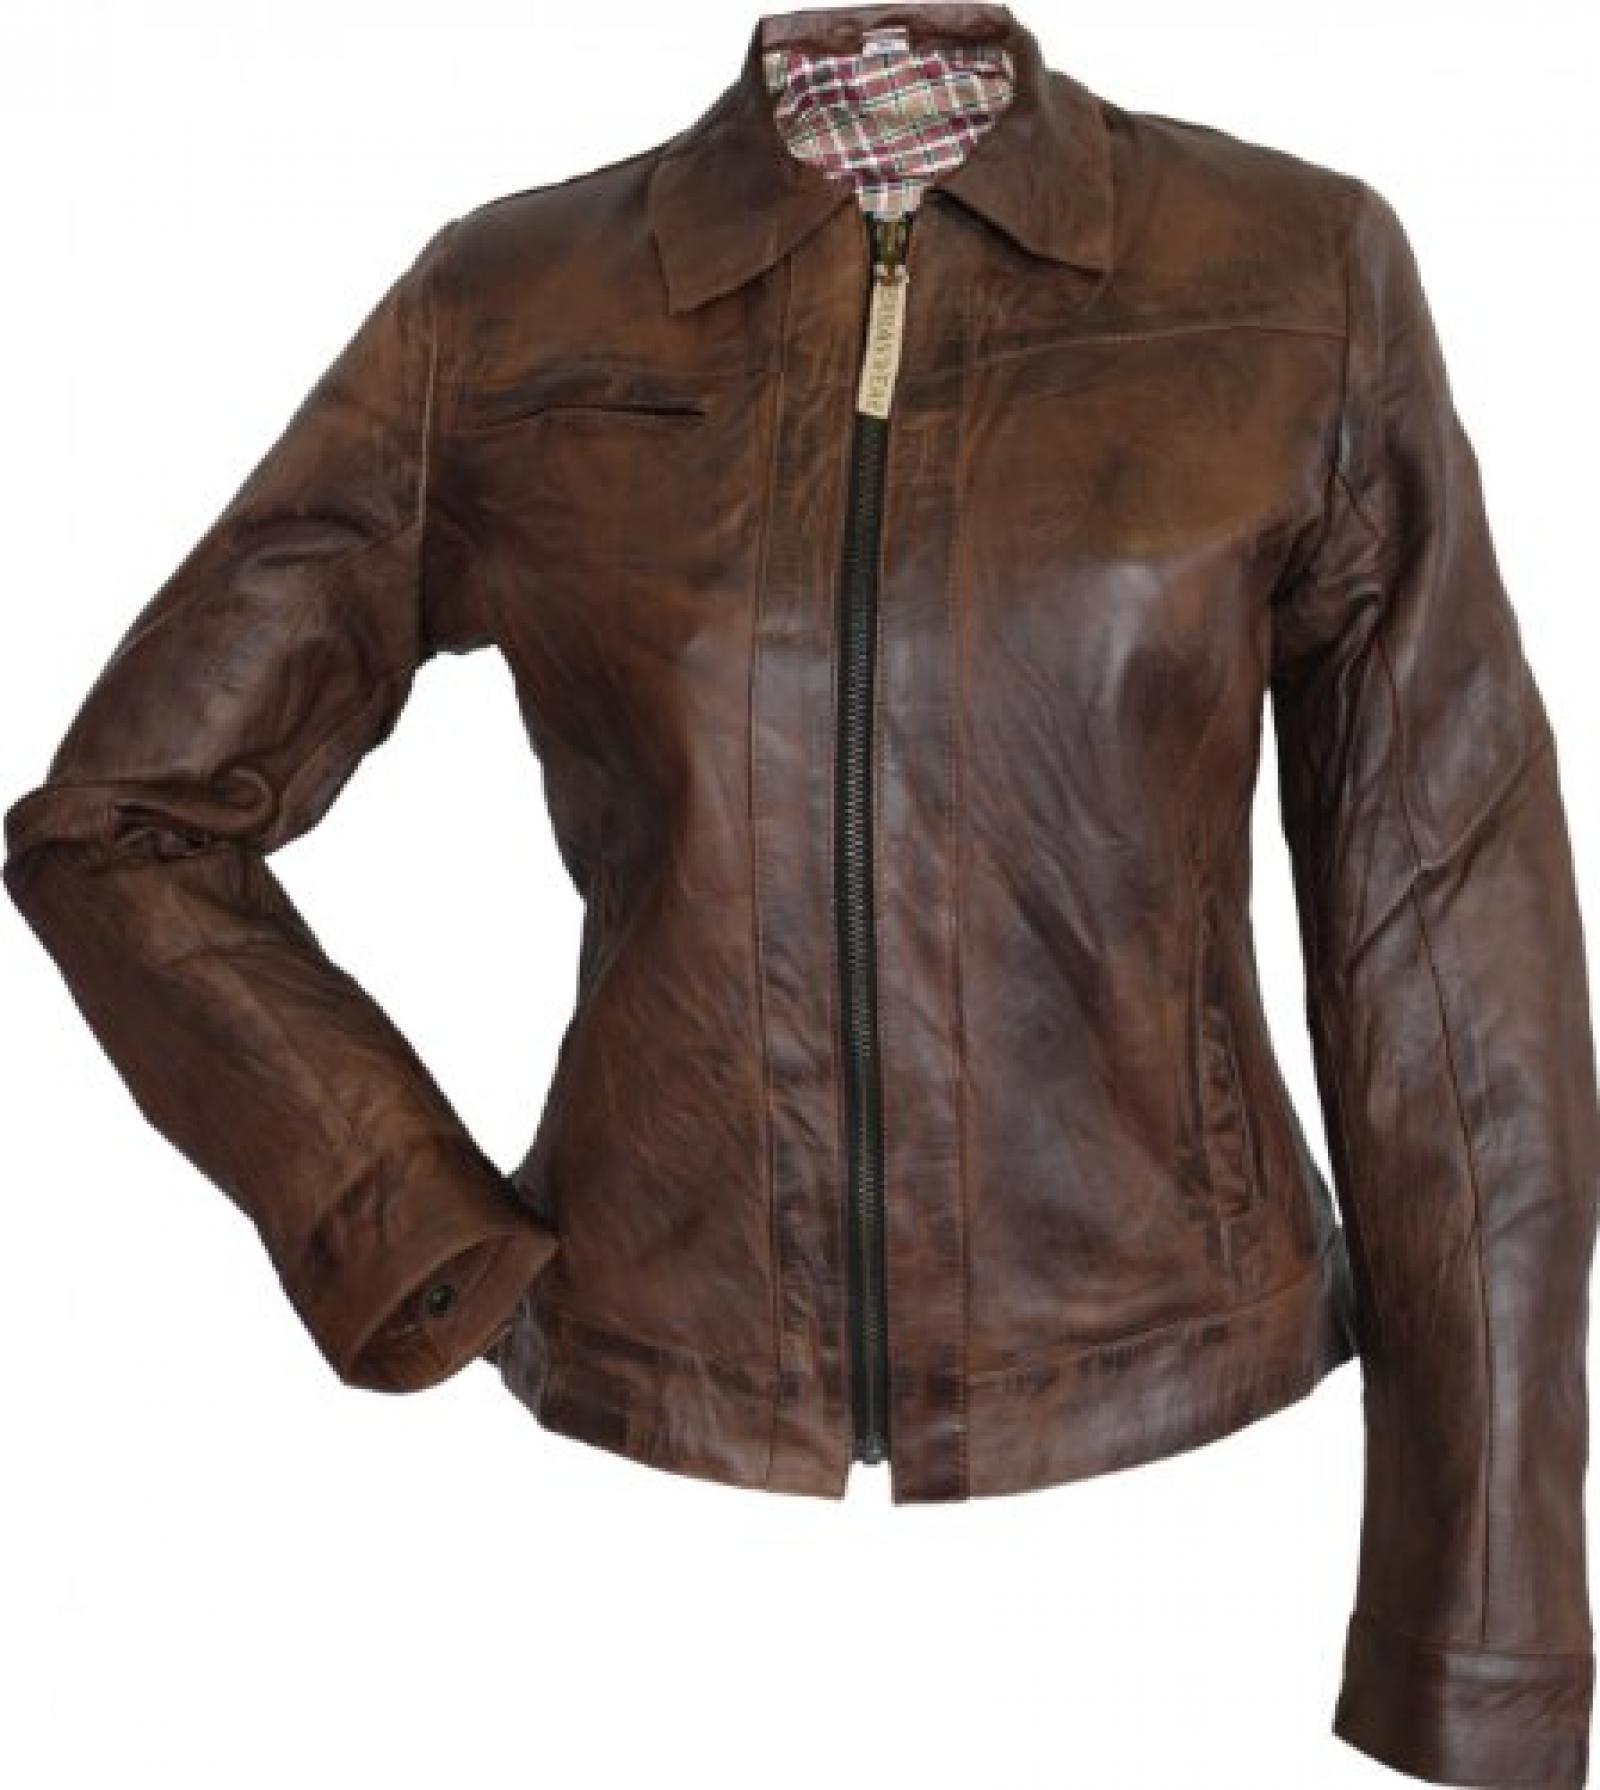 Damen Lederjacke echtleder Antikleder Jacke aus Lammnappa Leder Knitterlook Braun